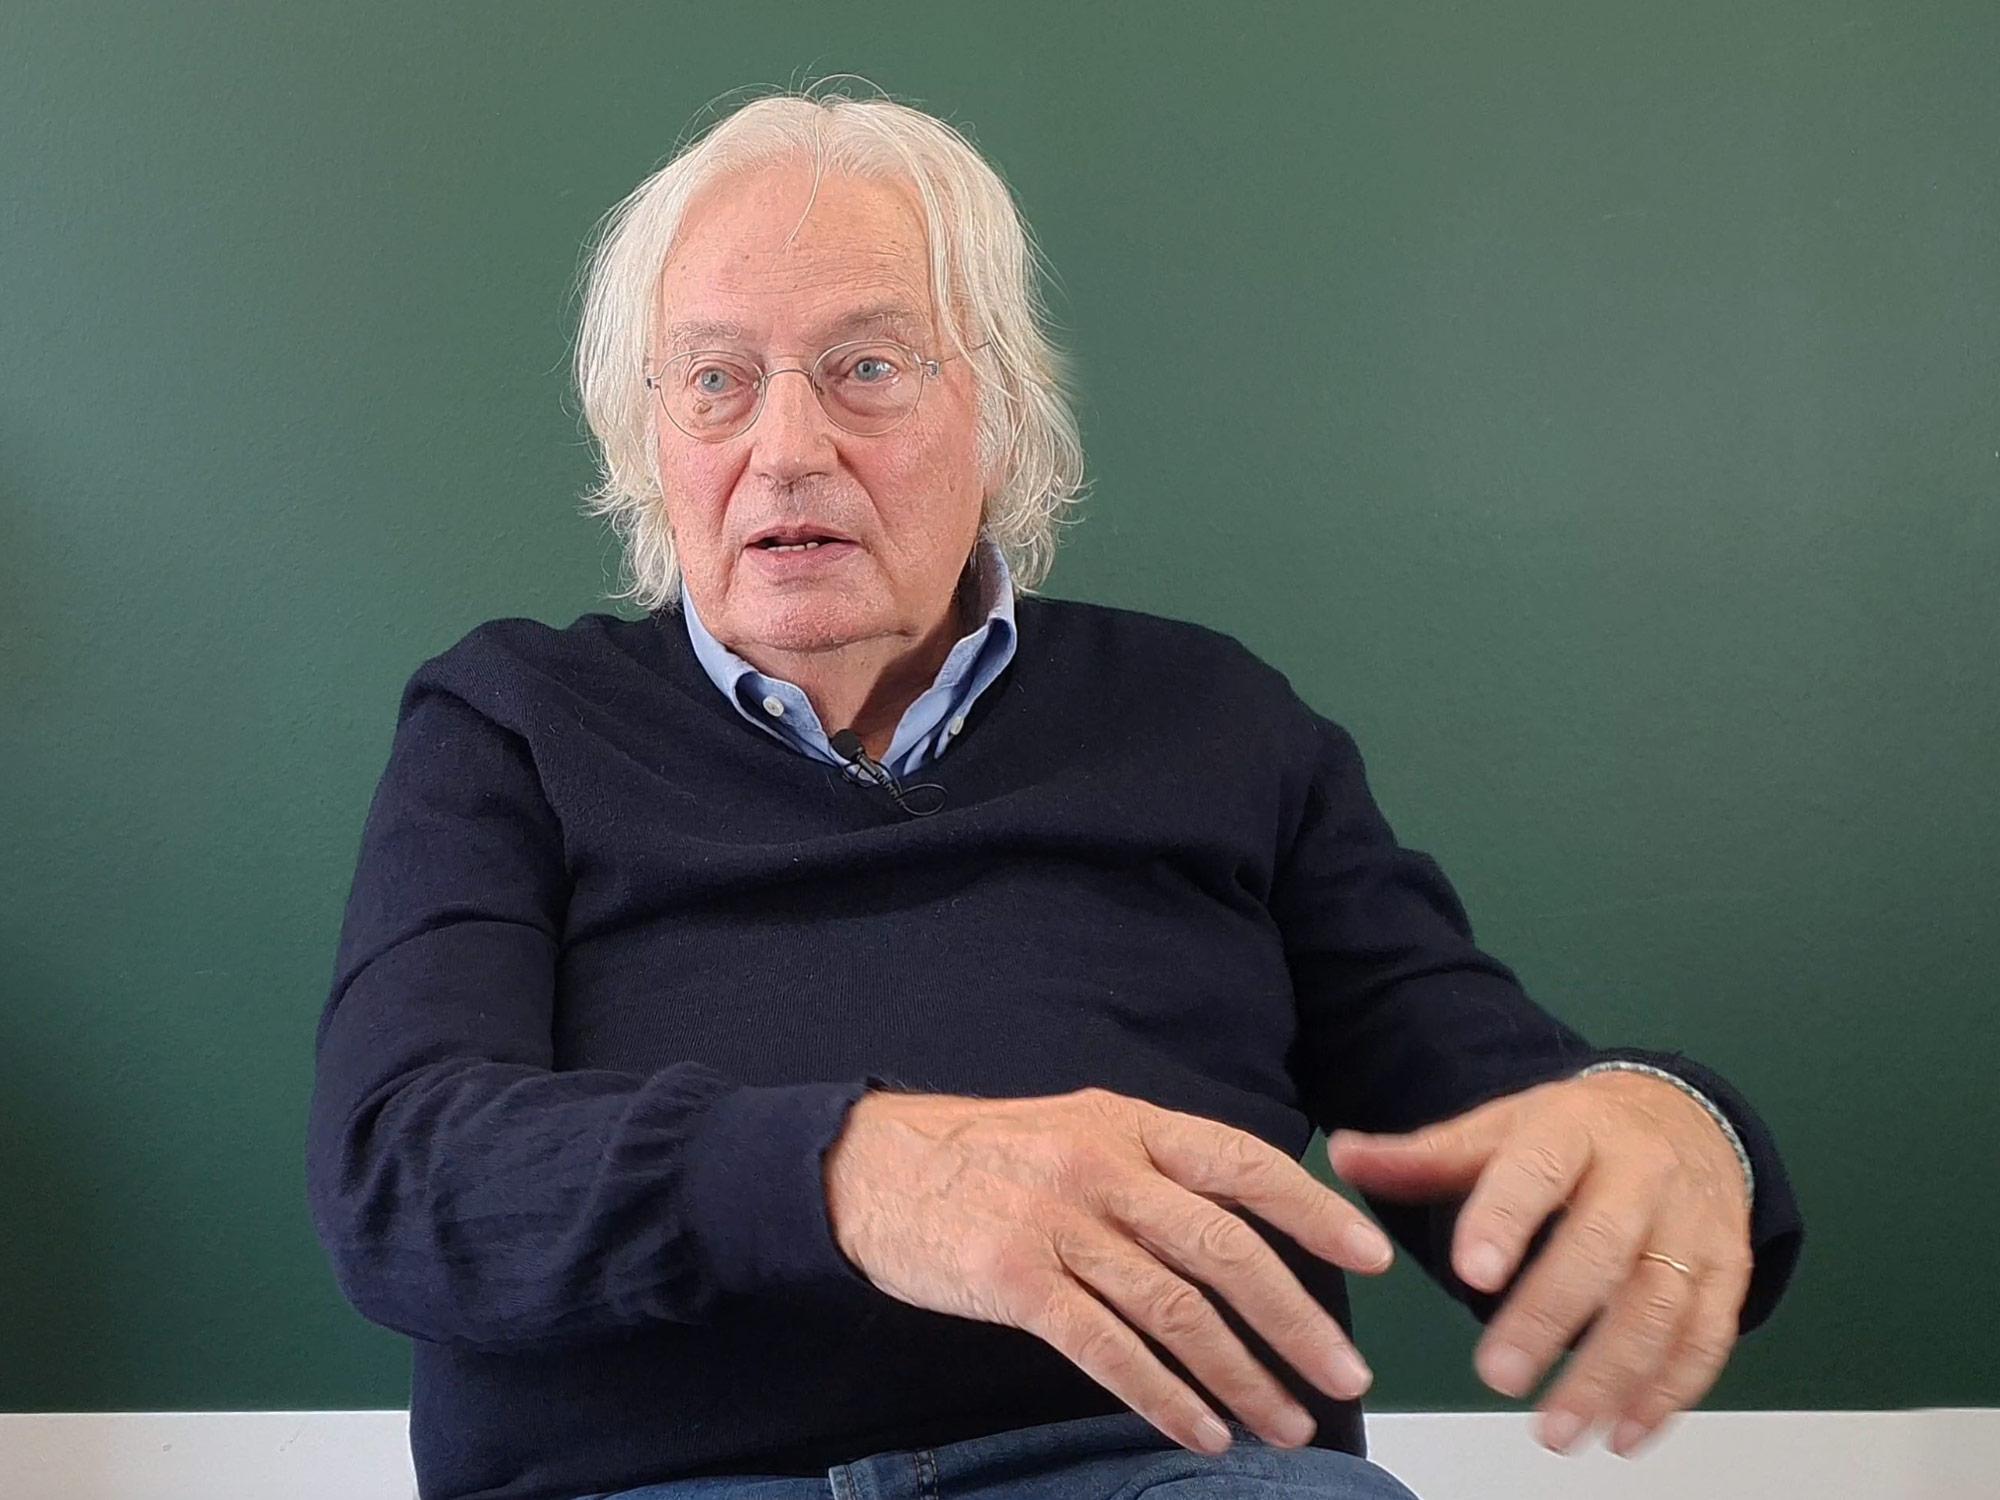 Architektur und Städtebau Professor - Jochem Jourdan in Frankfurt